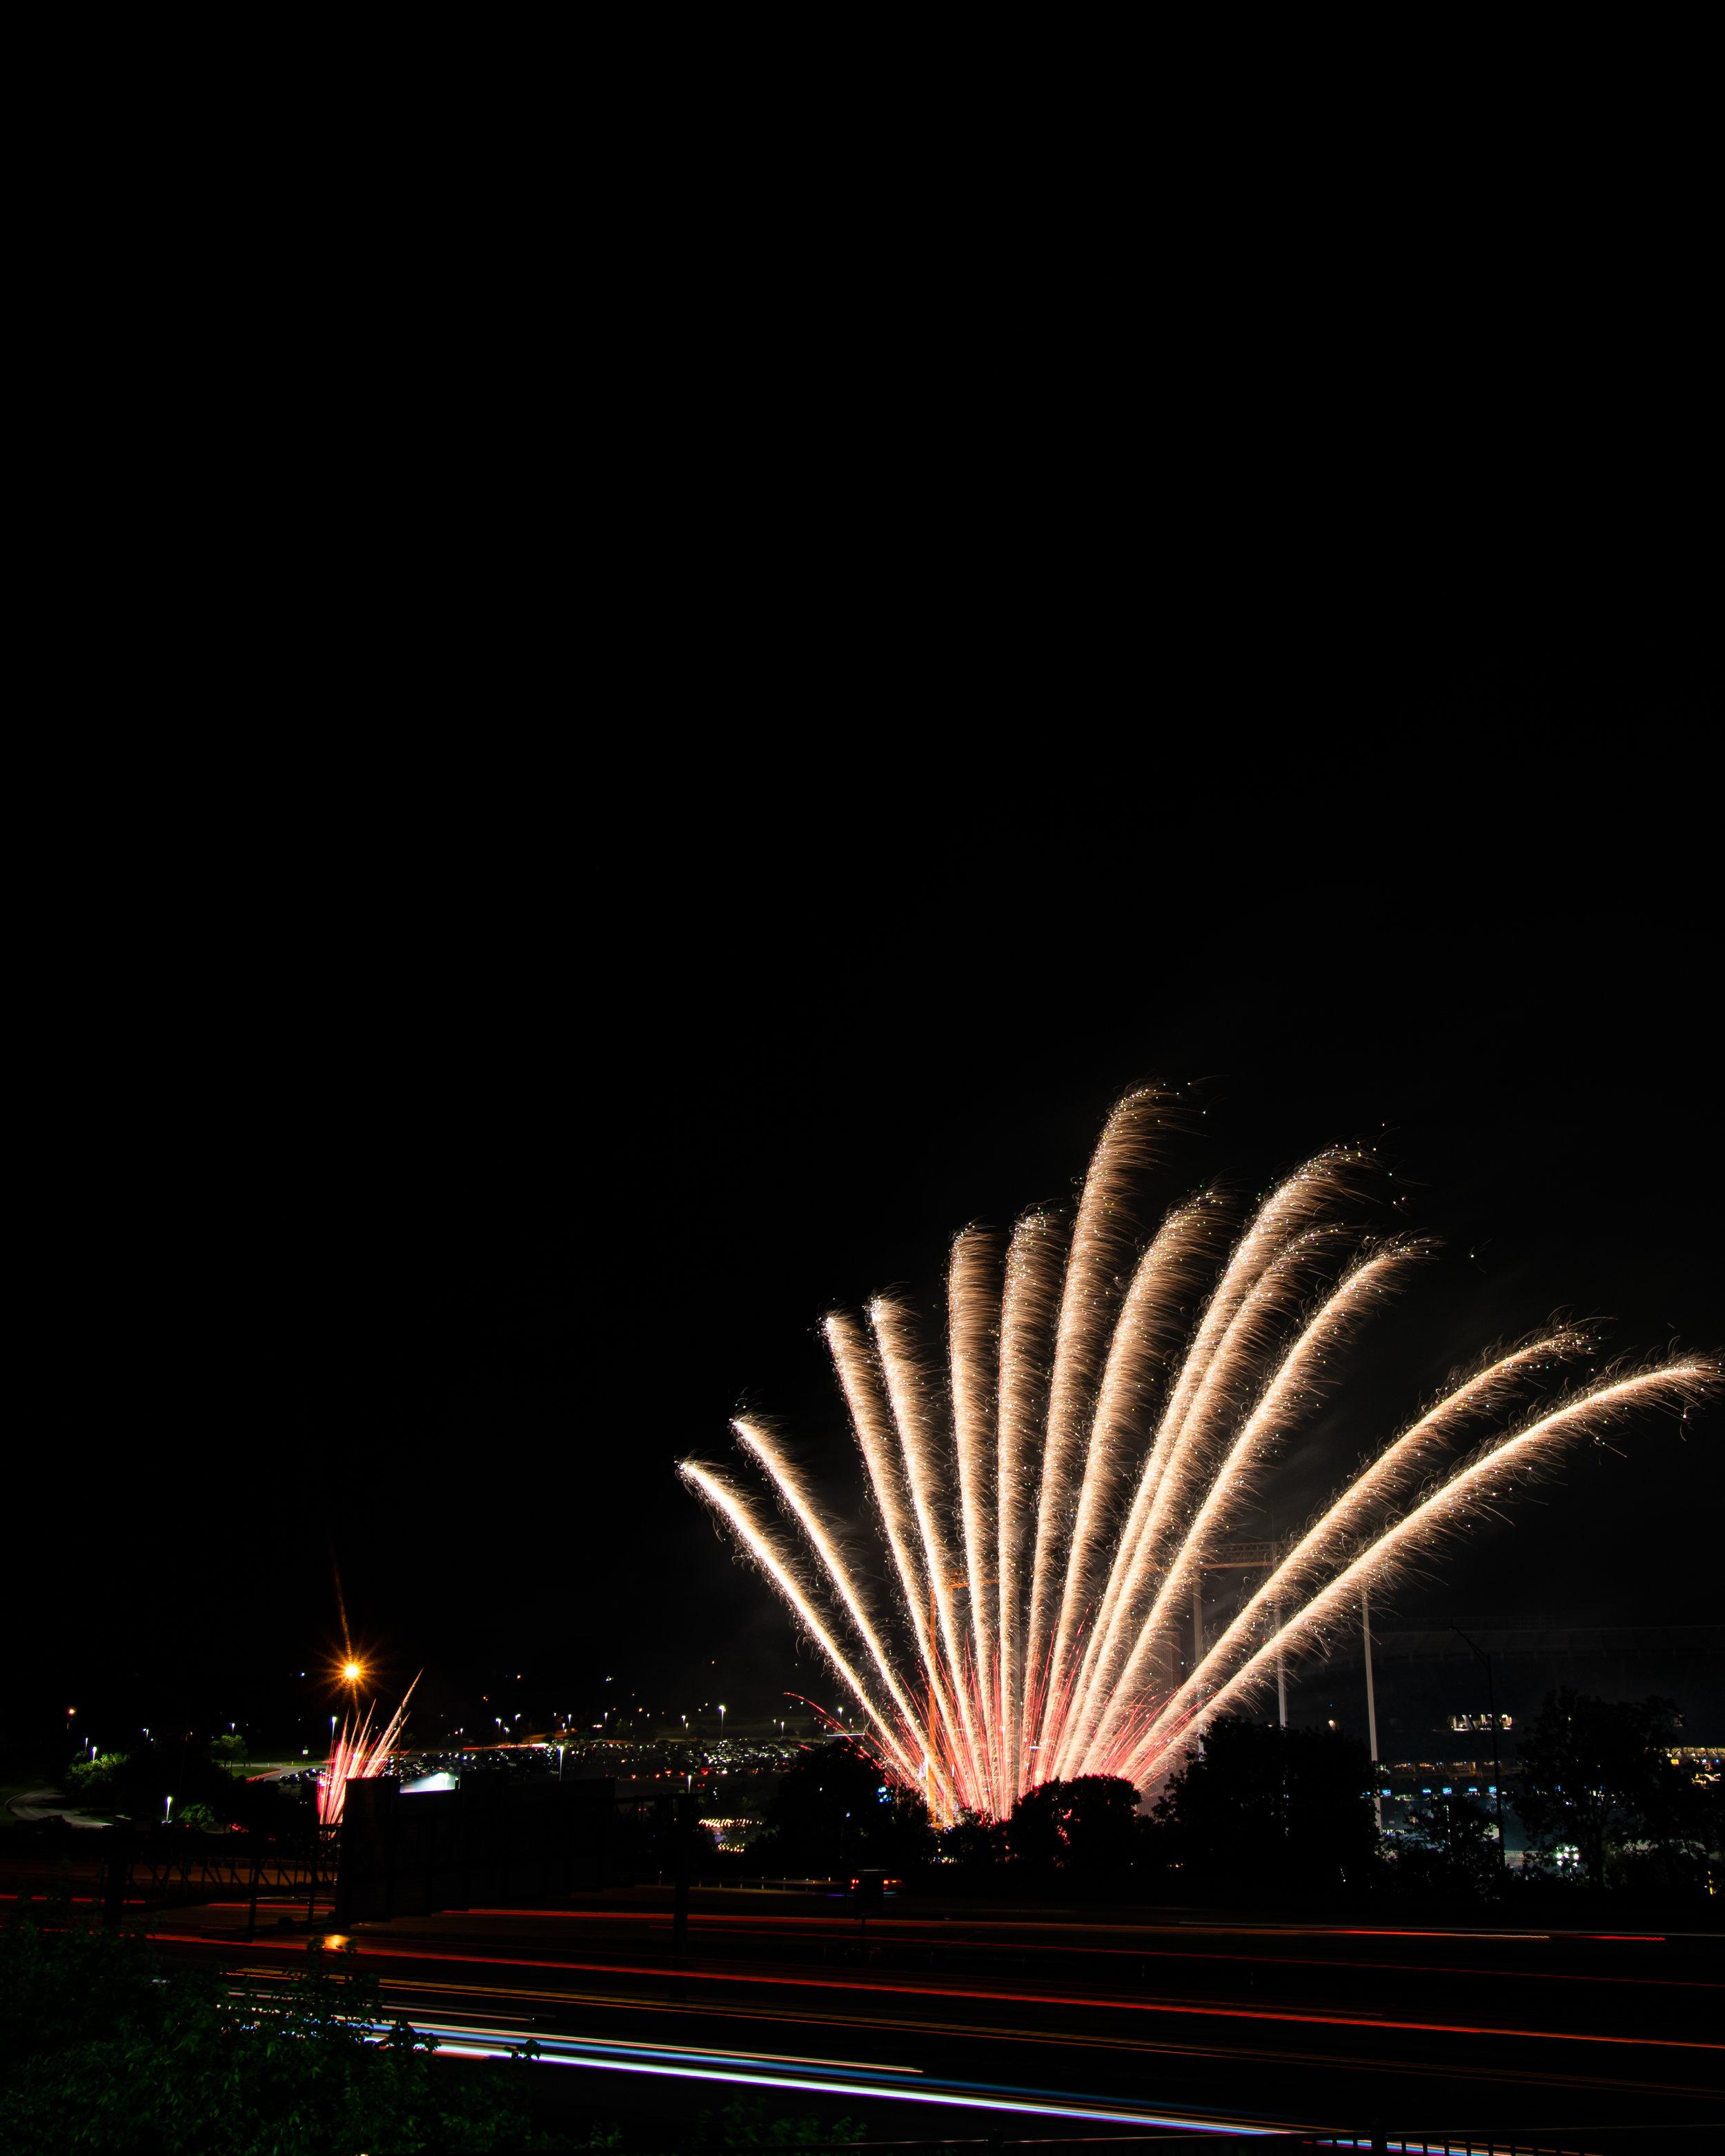 firework-friday-39-of-51_48108321433_o.jpg